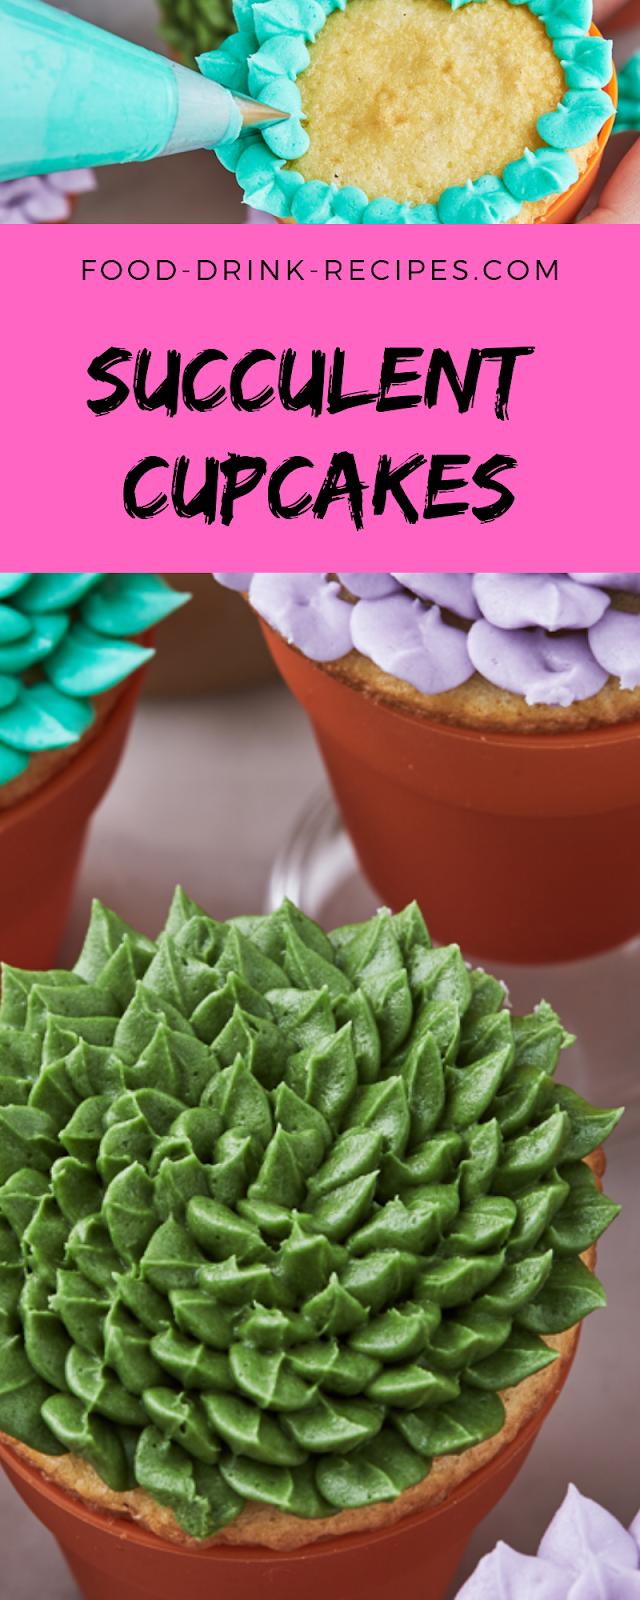 Succulent Cupcakes - food-drink-recipes.com